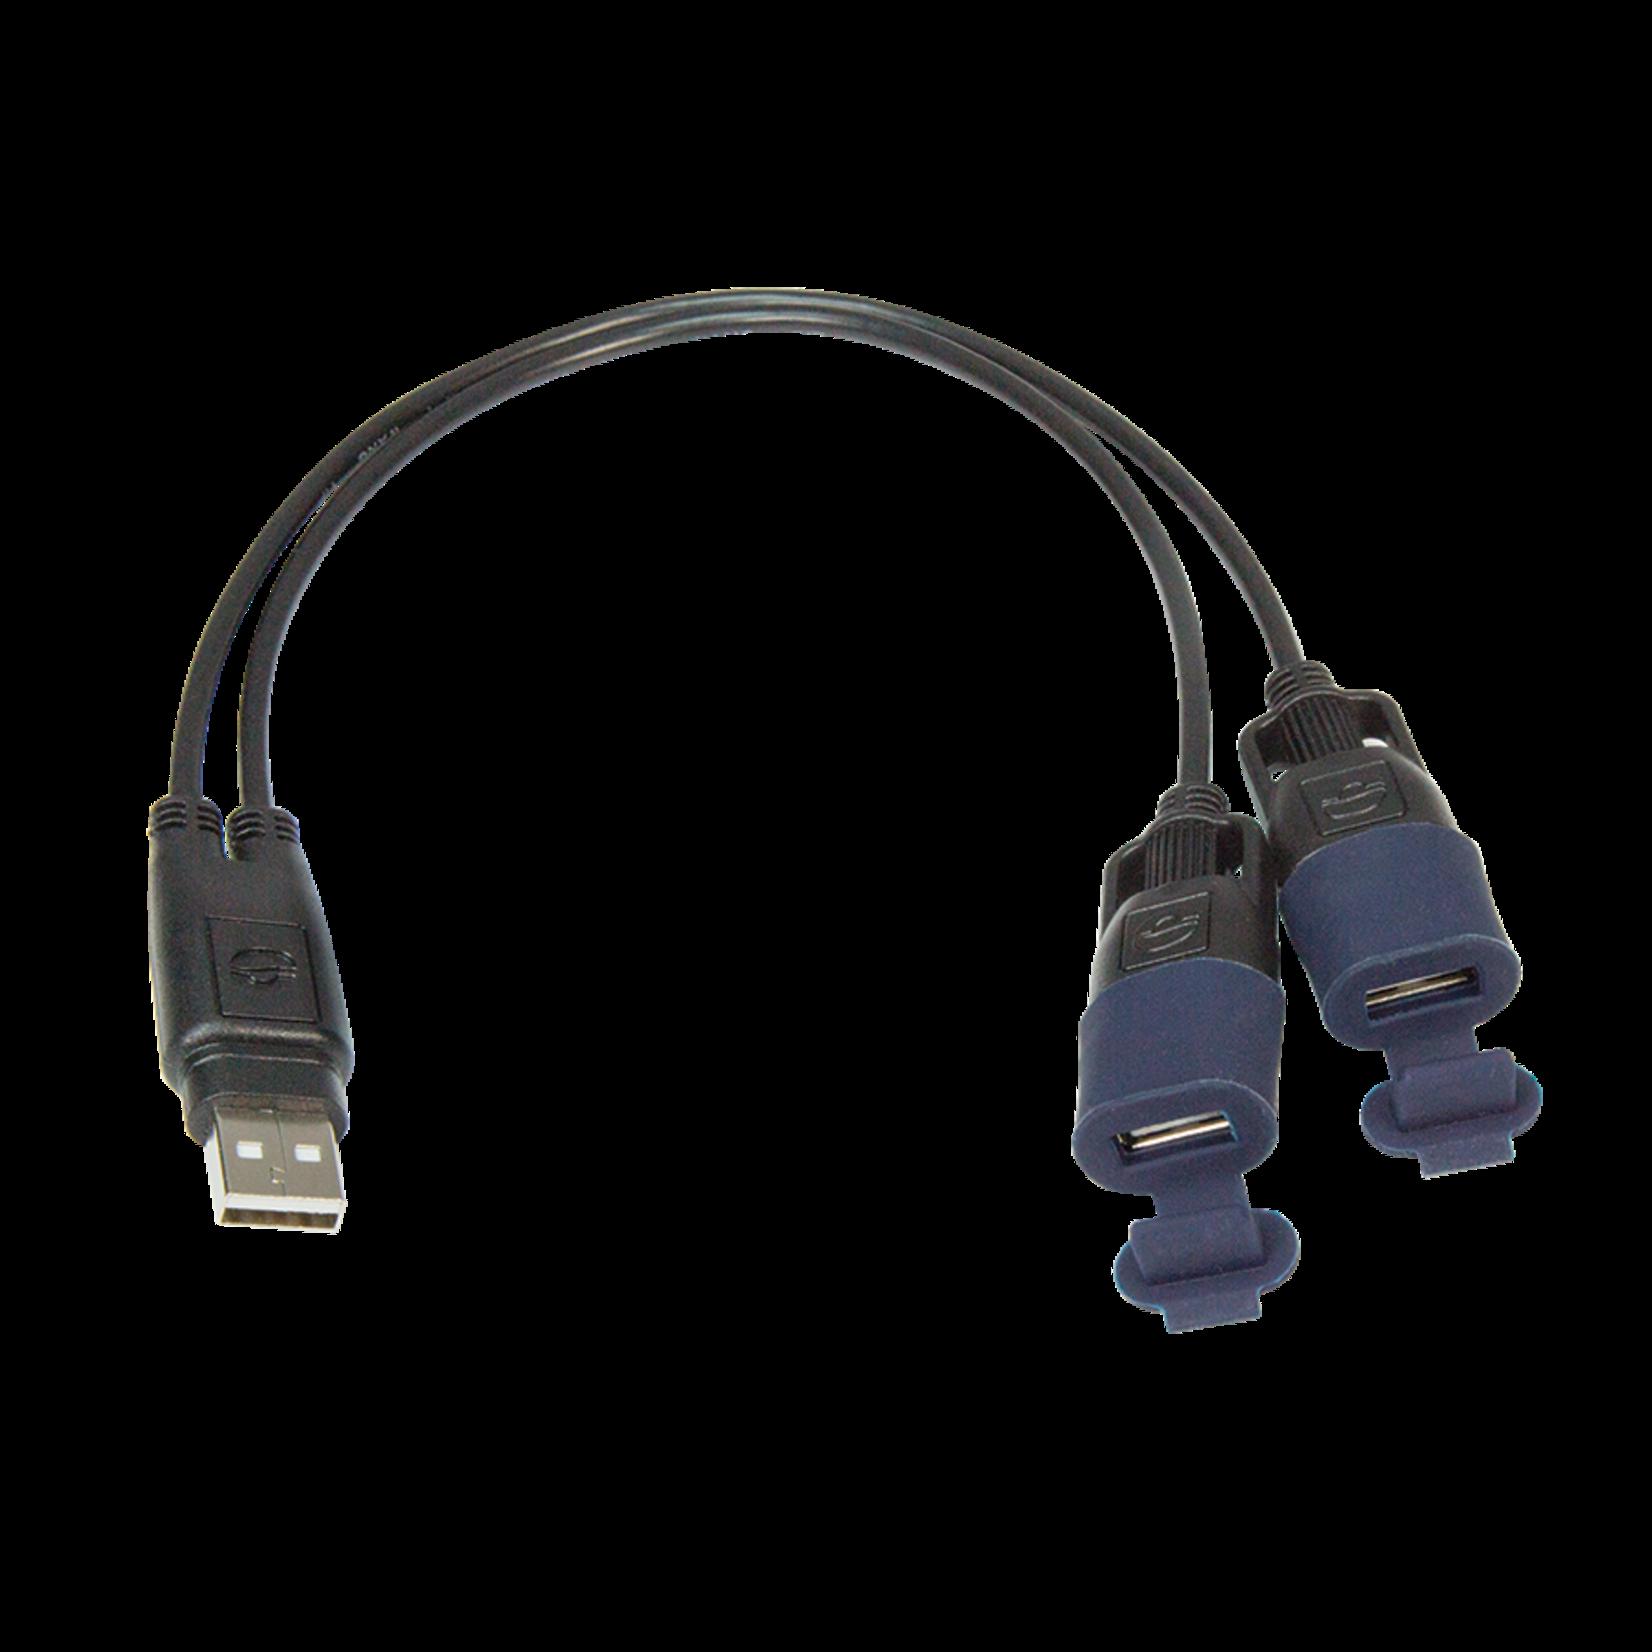 OptiMate OptiMate O-110 USB splitter 4200mA